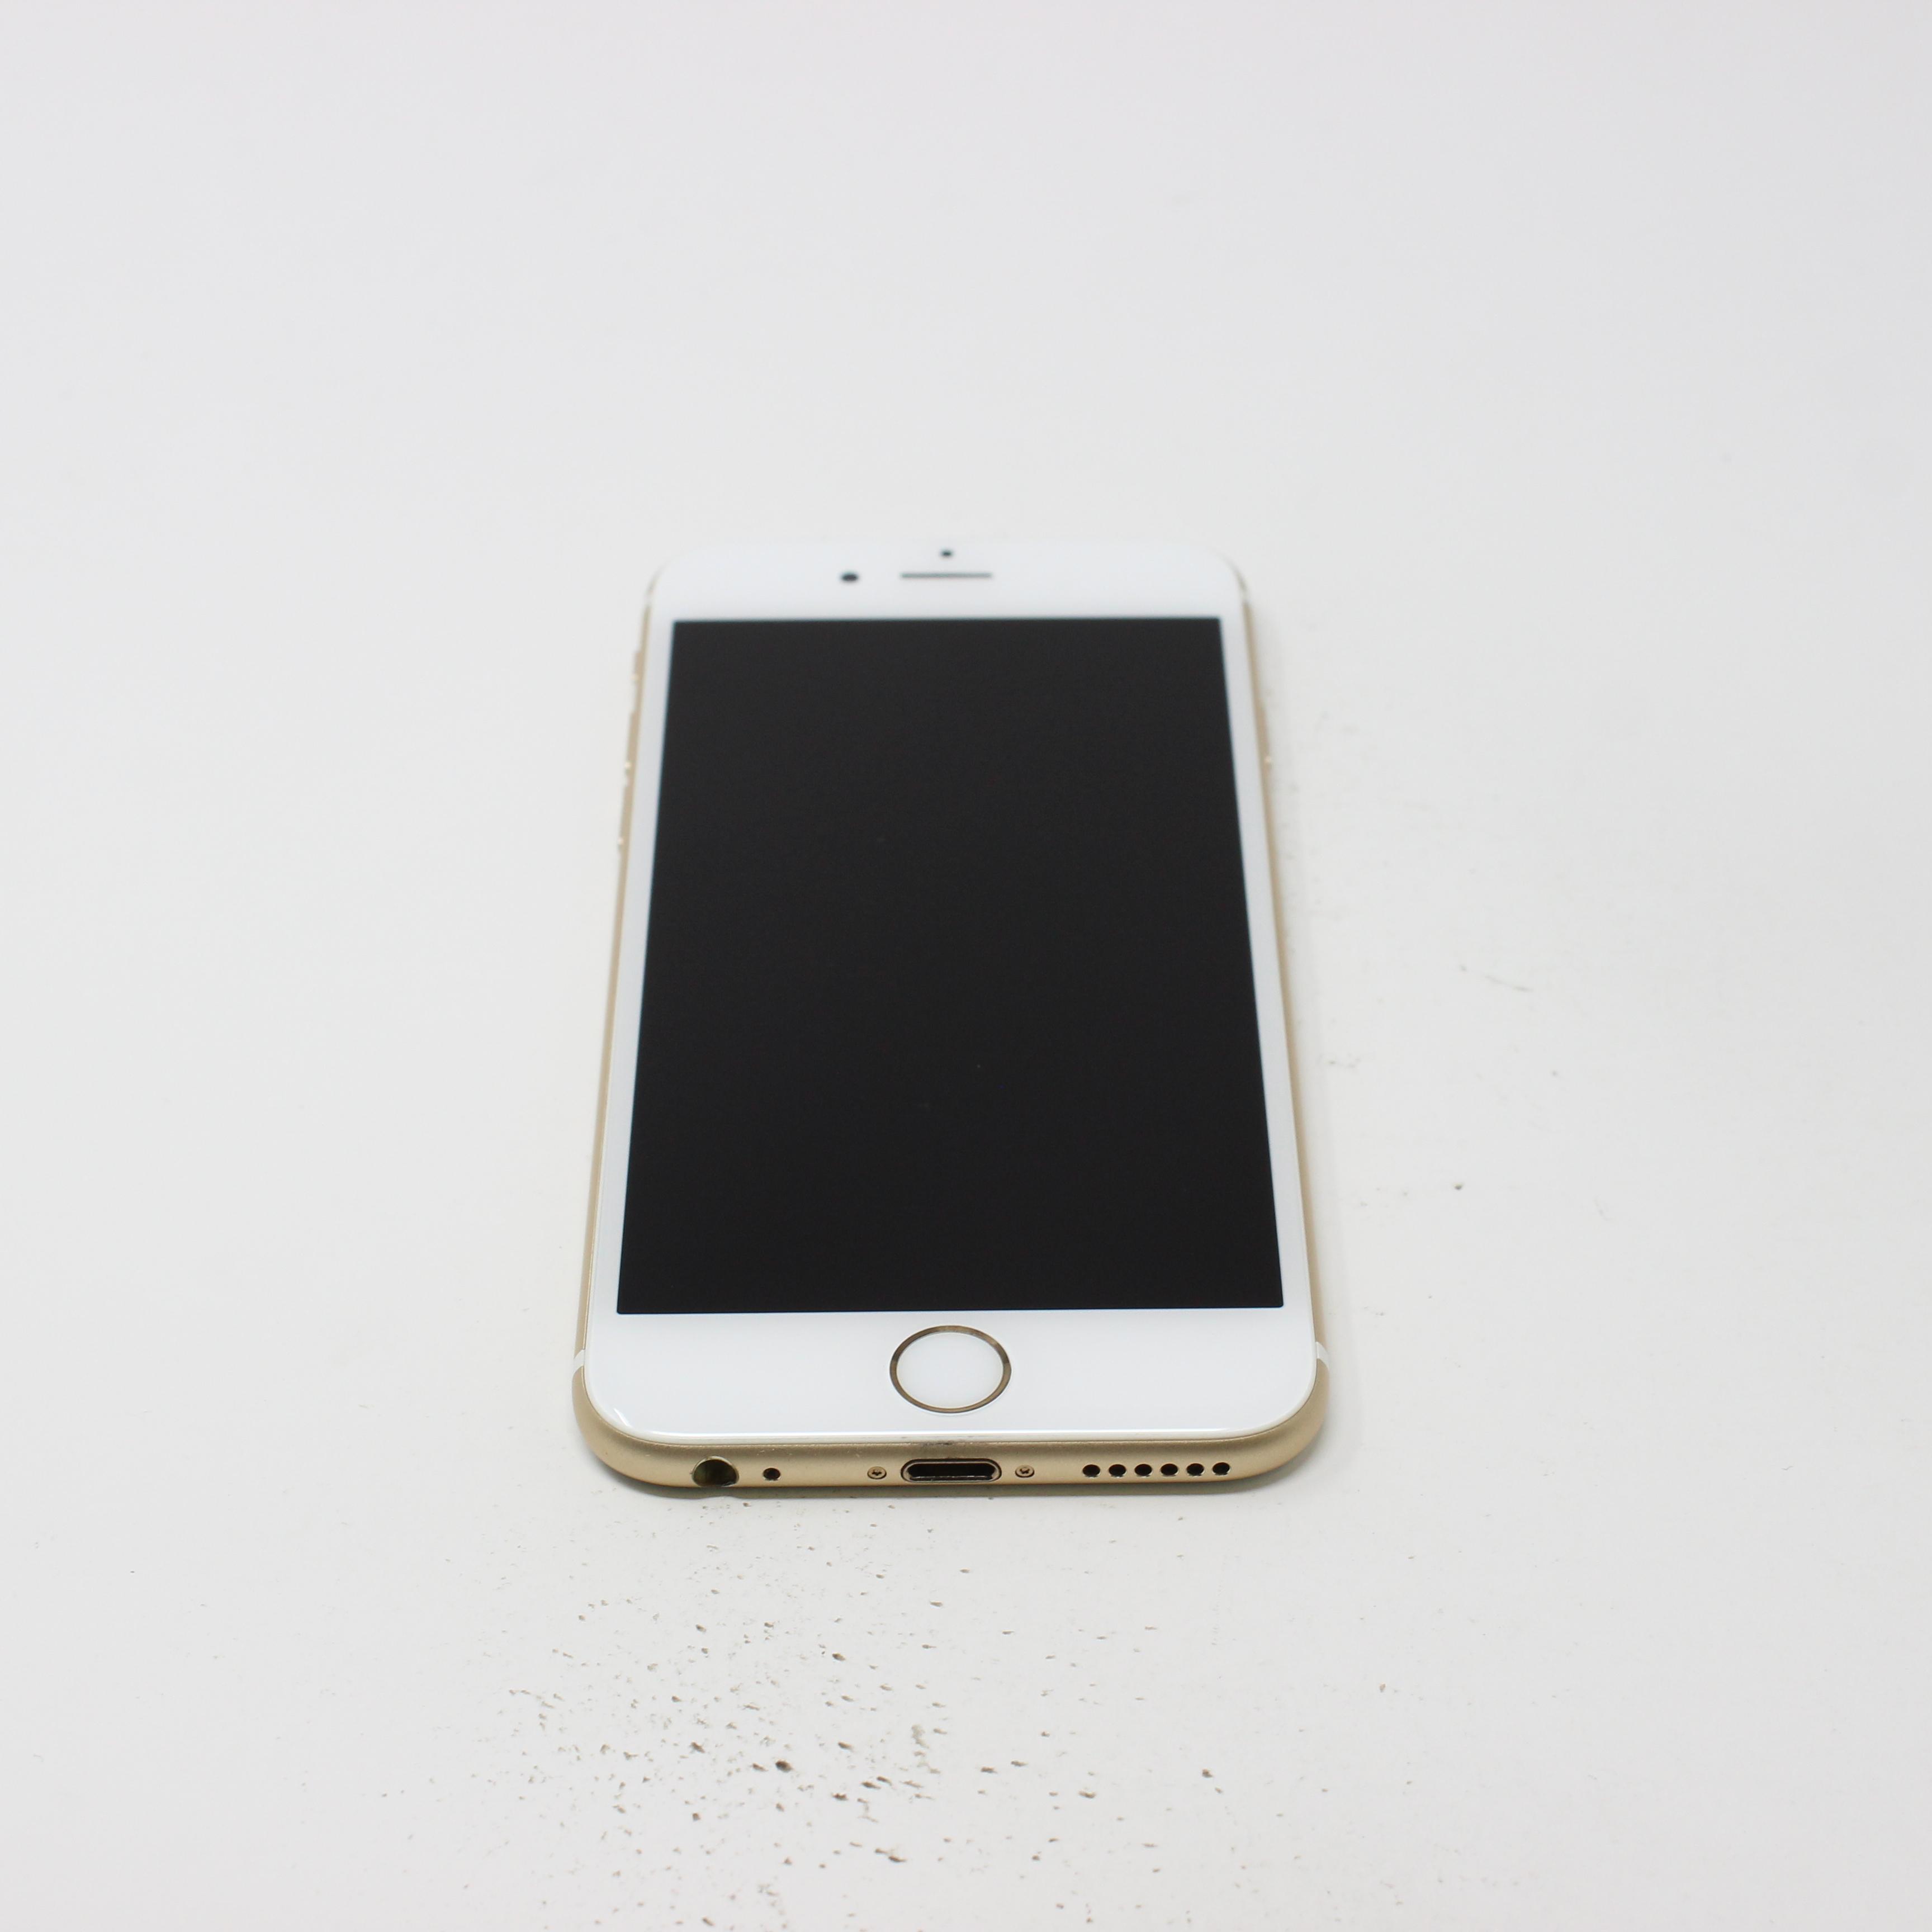 iPhone 6S 16GB Gold - T-Mobile photo 2   UpTradeit.com